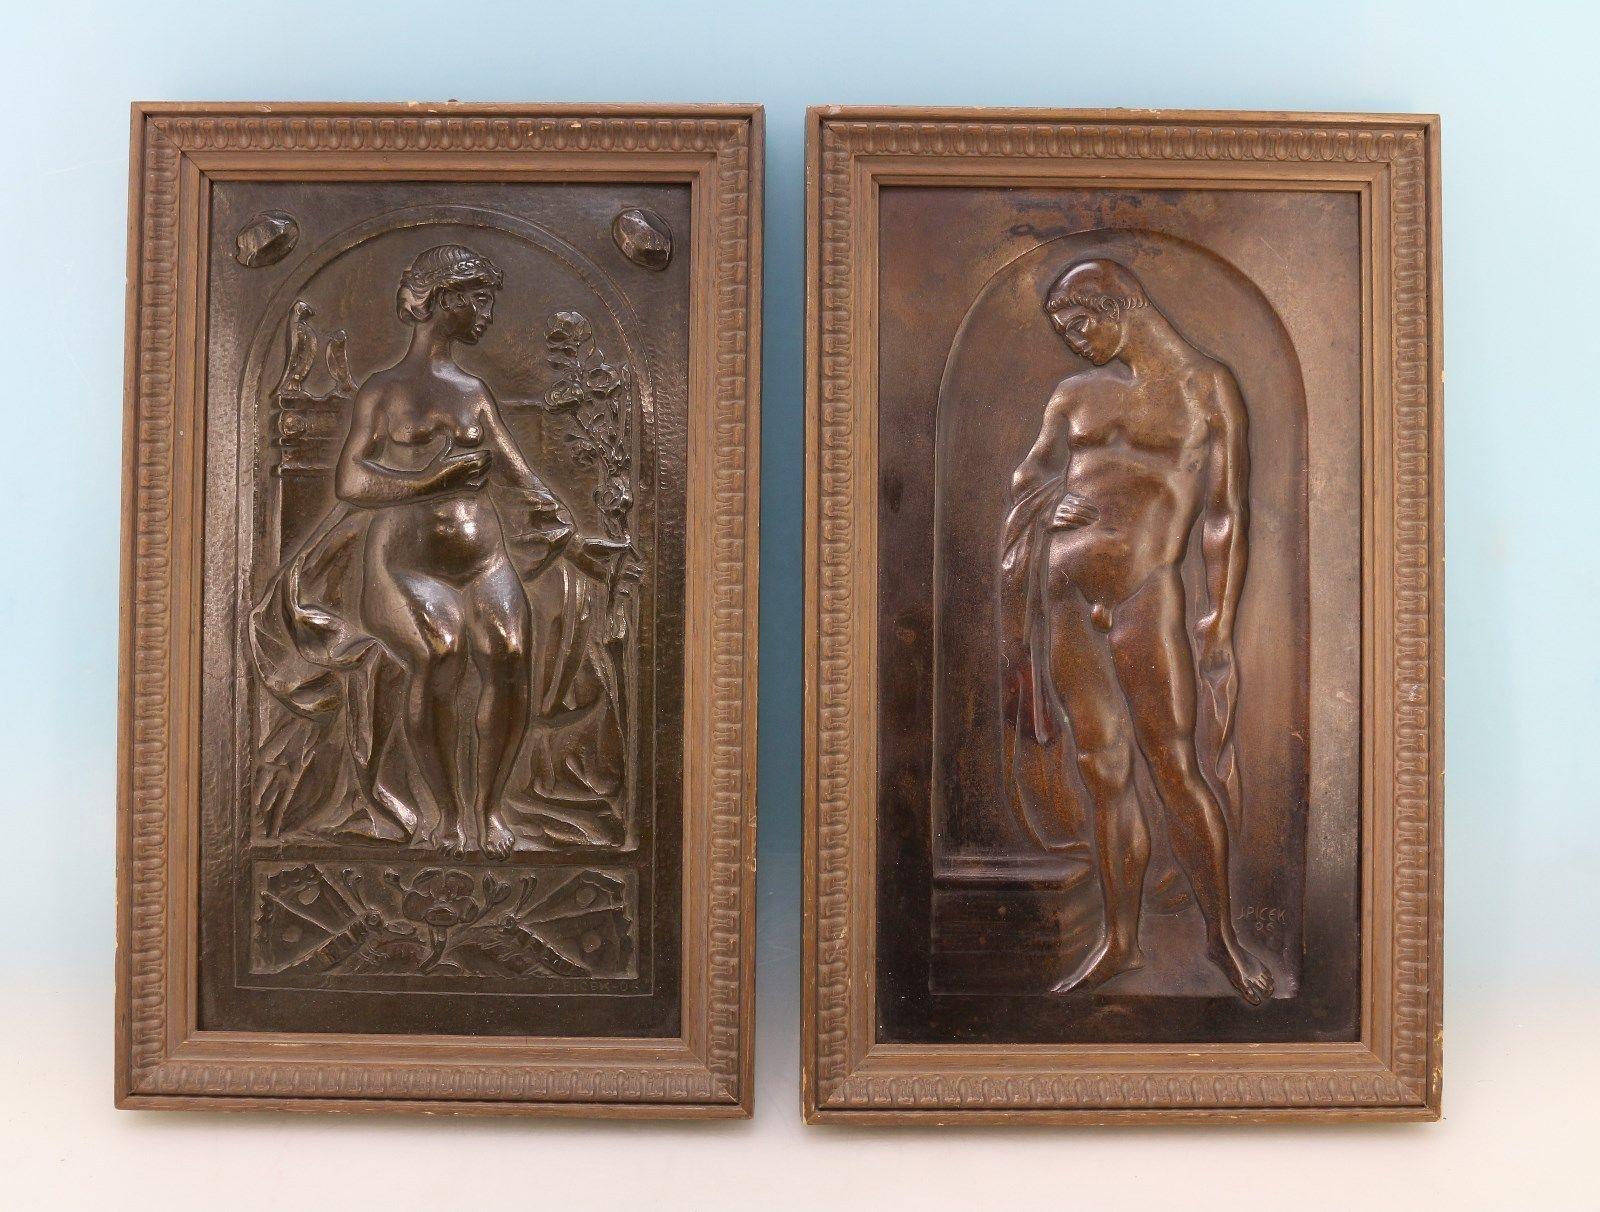 Paar Jugendstil Bronze Reliefs J. Picek 1906 in Antiquitäten & Kunst, Design & Stil, 1890-1919, Jugendstil   eBay!